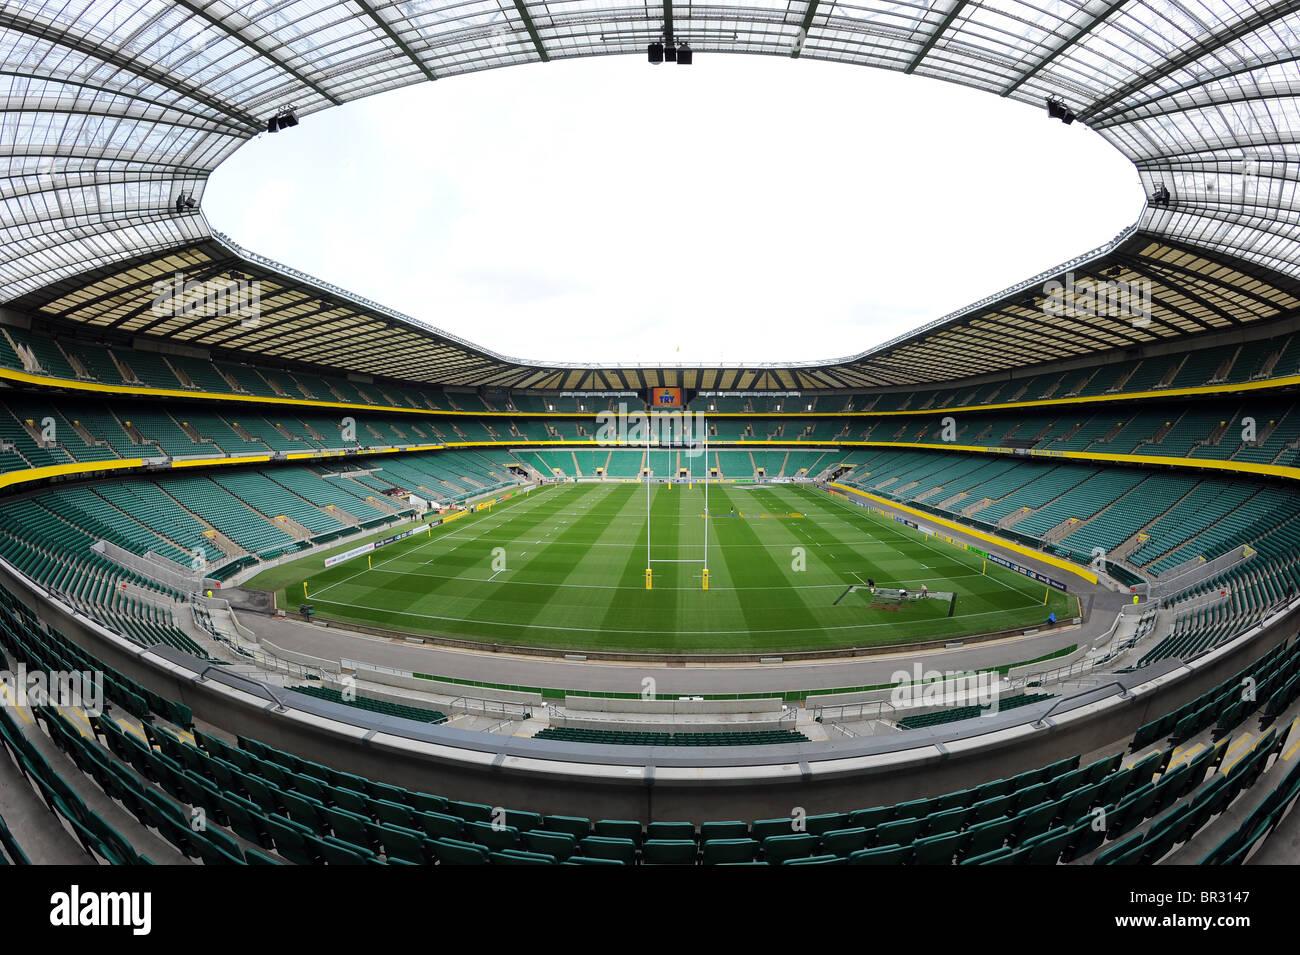 Vista dentro Stadio di Twickenham e Stadio di Twickenham, Londra. Home dell'inglese di Rugby Union o RFU Immagini Stock